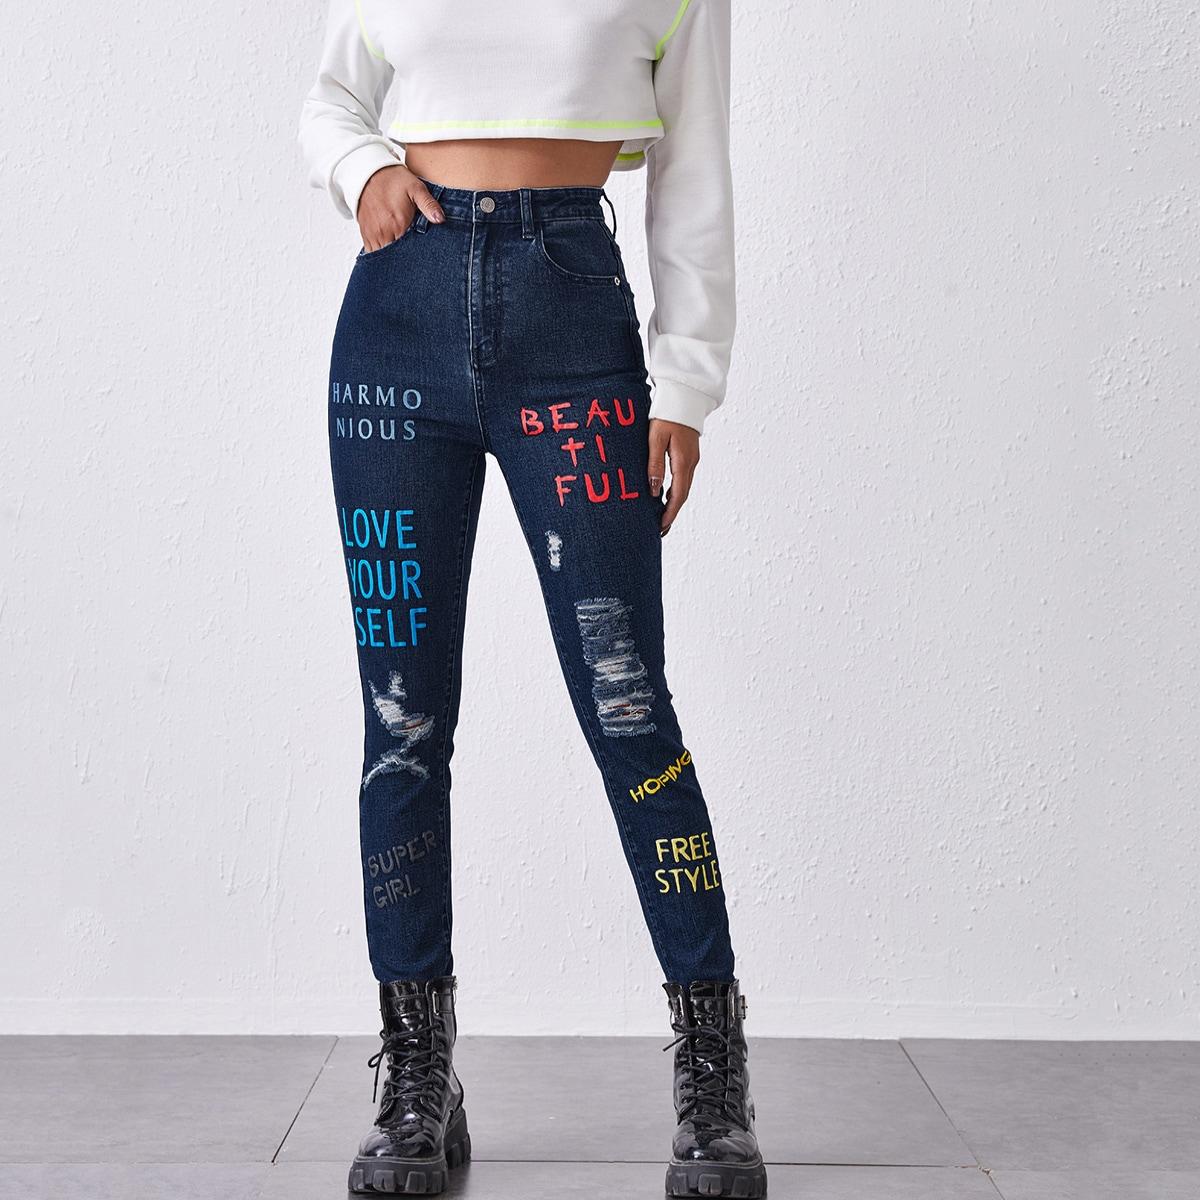 Рваные джинсы с текстовым принтом